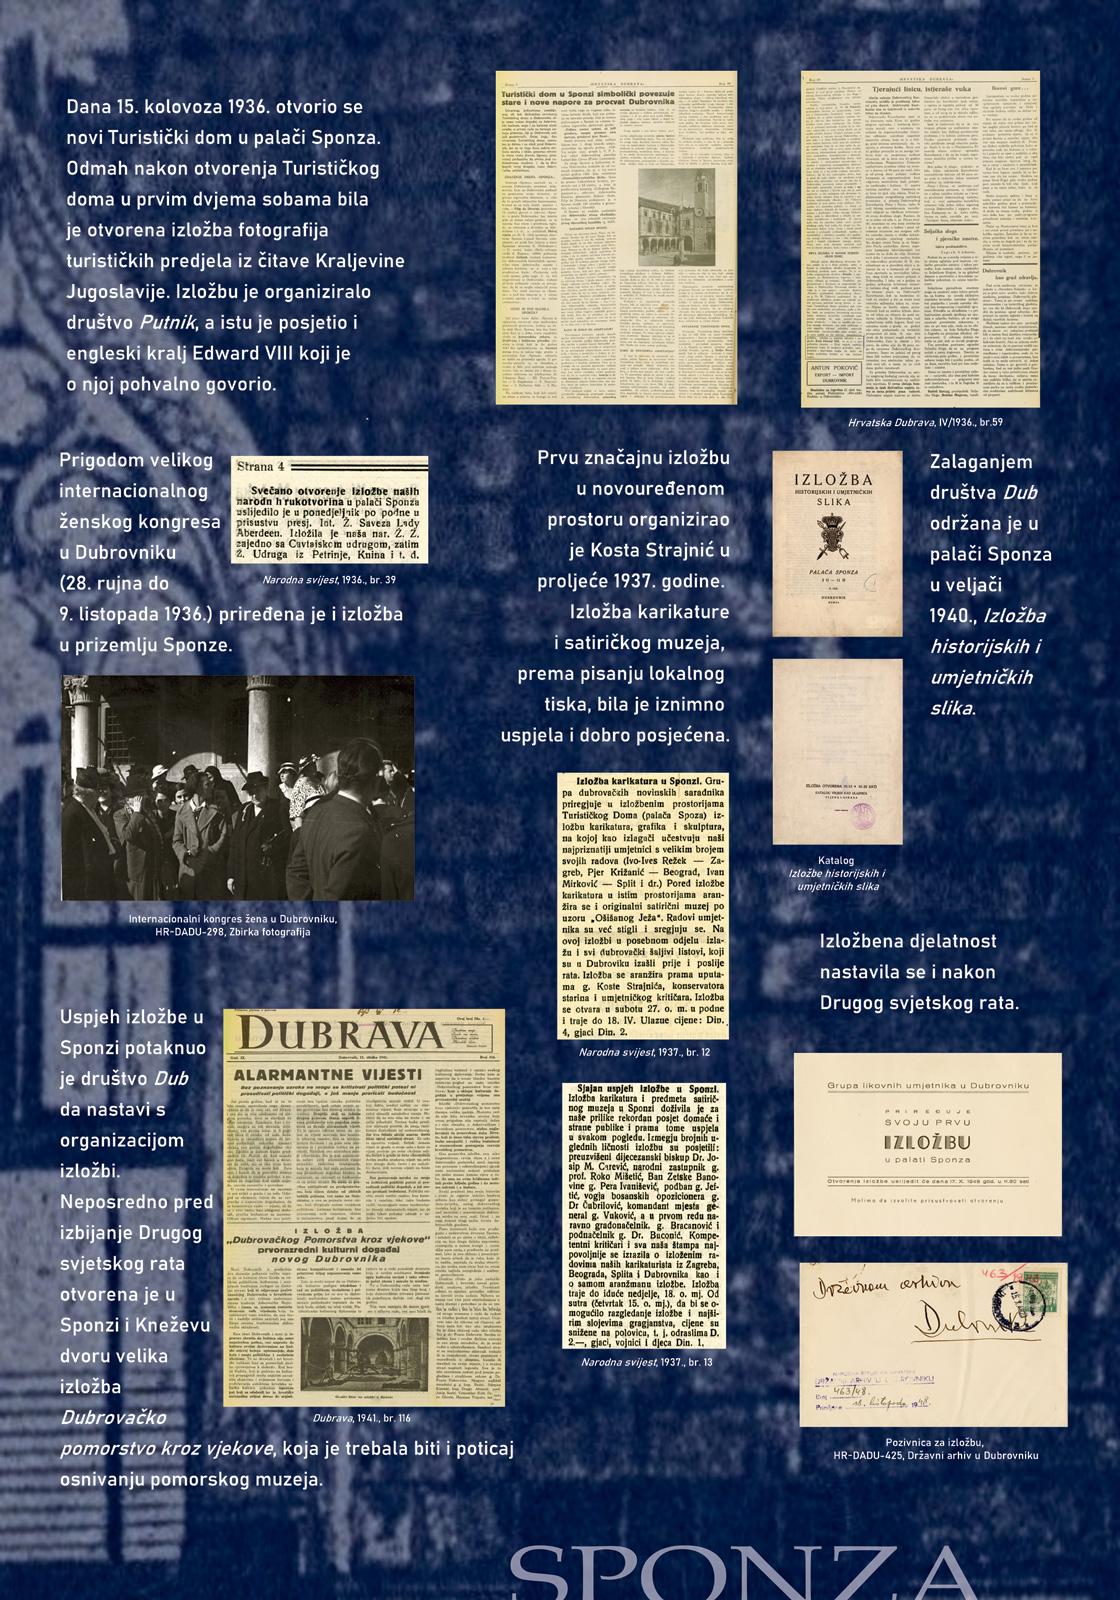 Panel sa izložbe koji prikazuje tekst i isječke iz novina raznih događanja u Sponzi u prvoj polovici 20. stoljeća